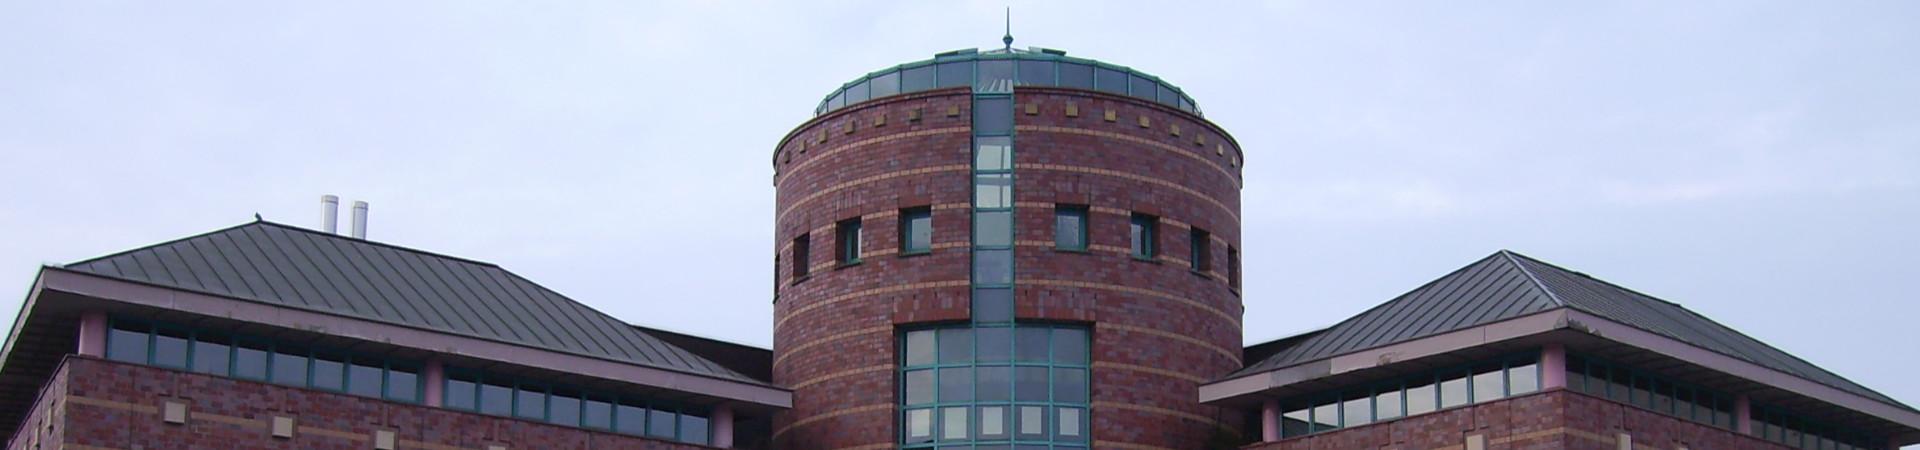 Ingenieurbüro Hammes - Viersen / Mönchengladbach - Neubau Stadtbibliothek